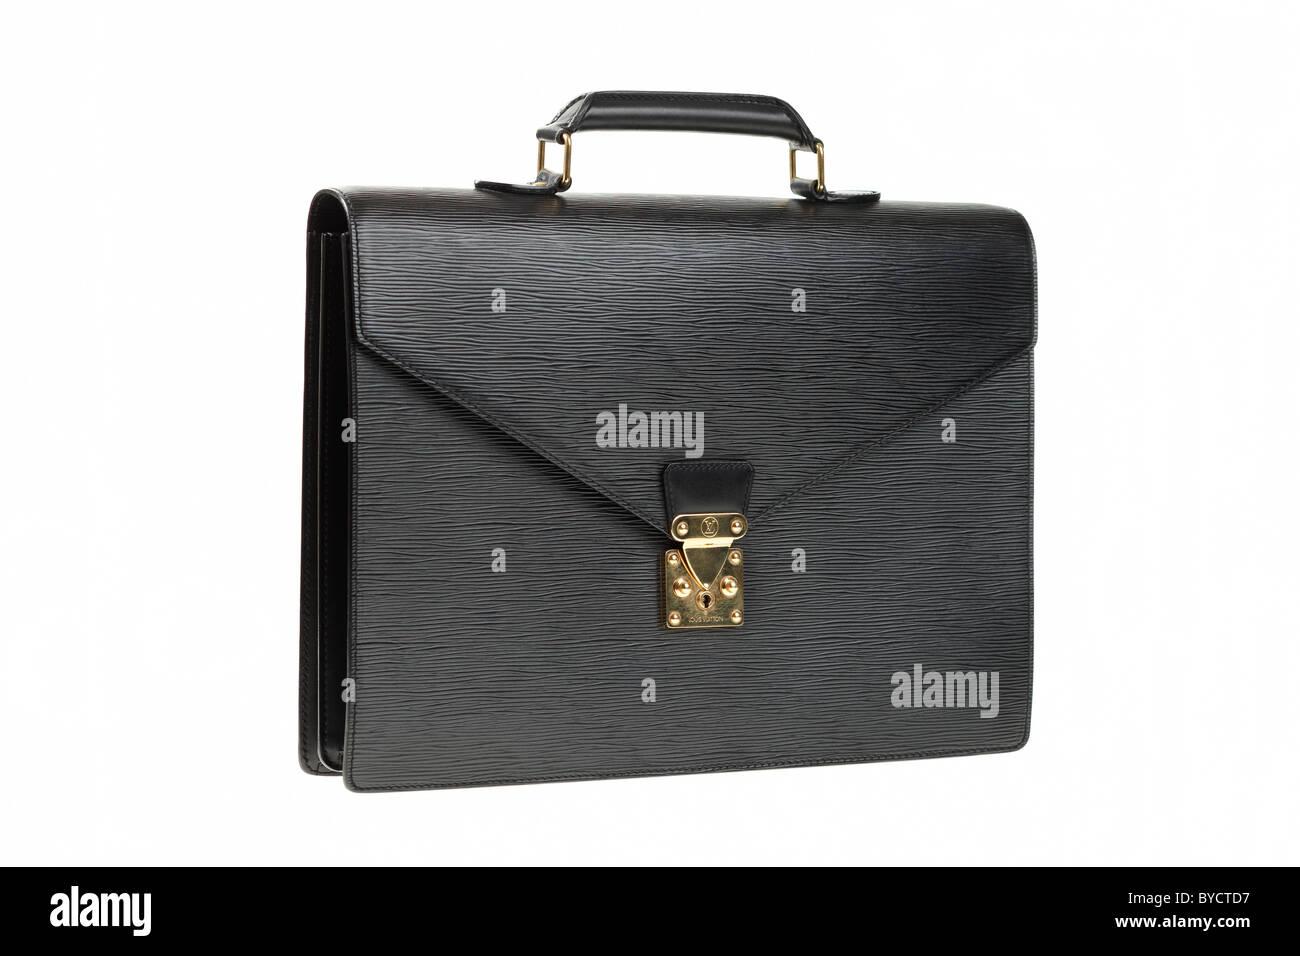 Louis Vuitton Uomini Valigetta Realizzata In Pelle Epi Su Sfondo